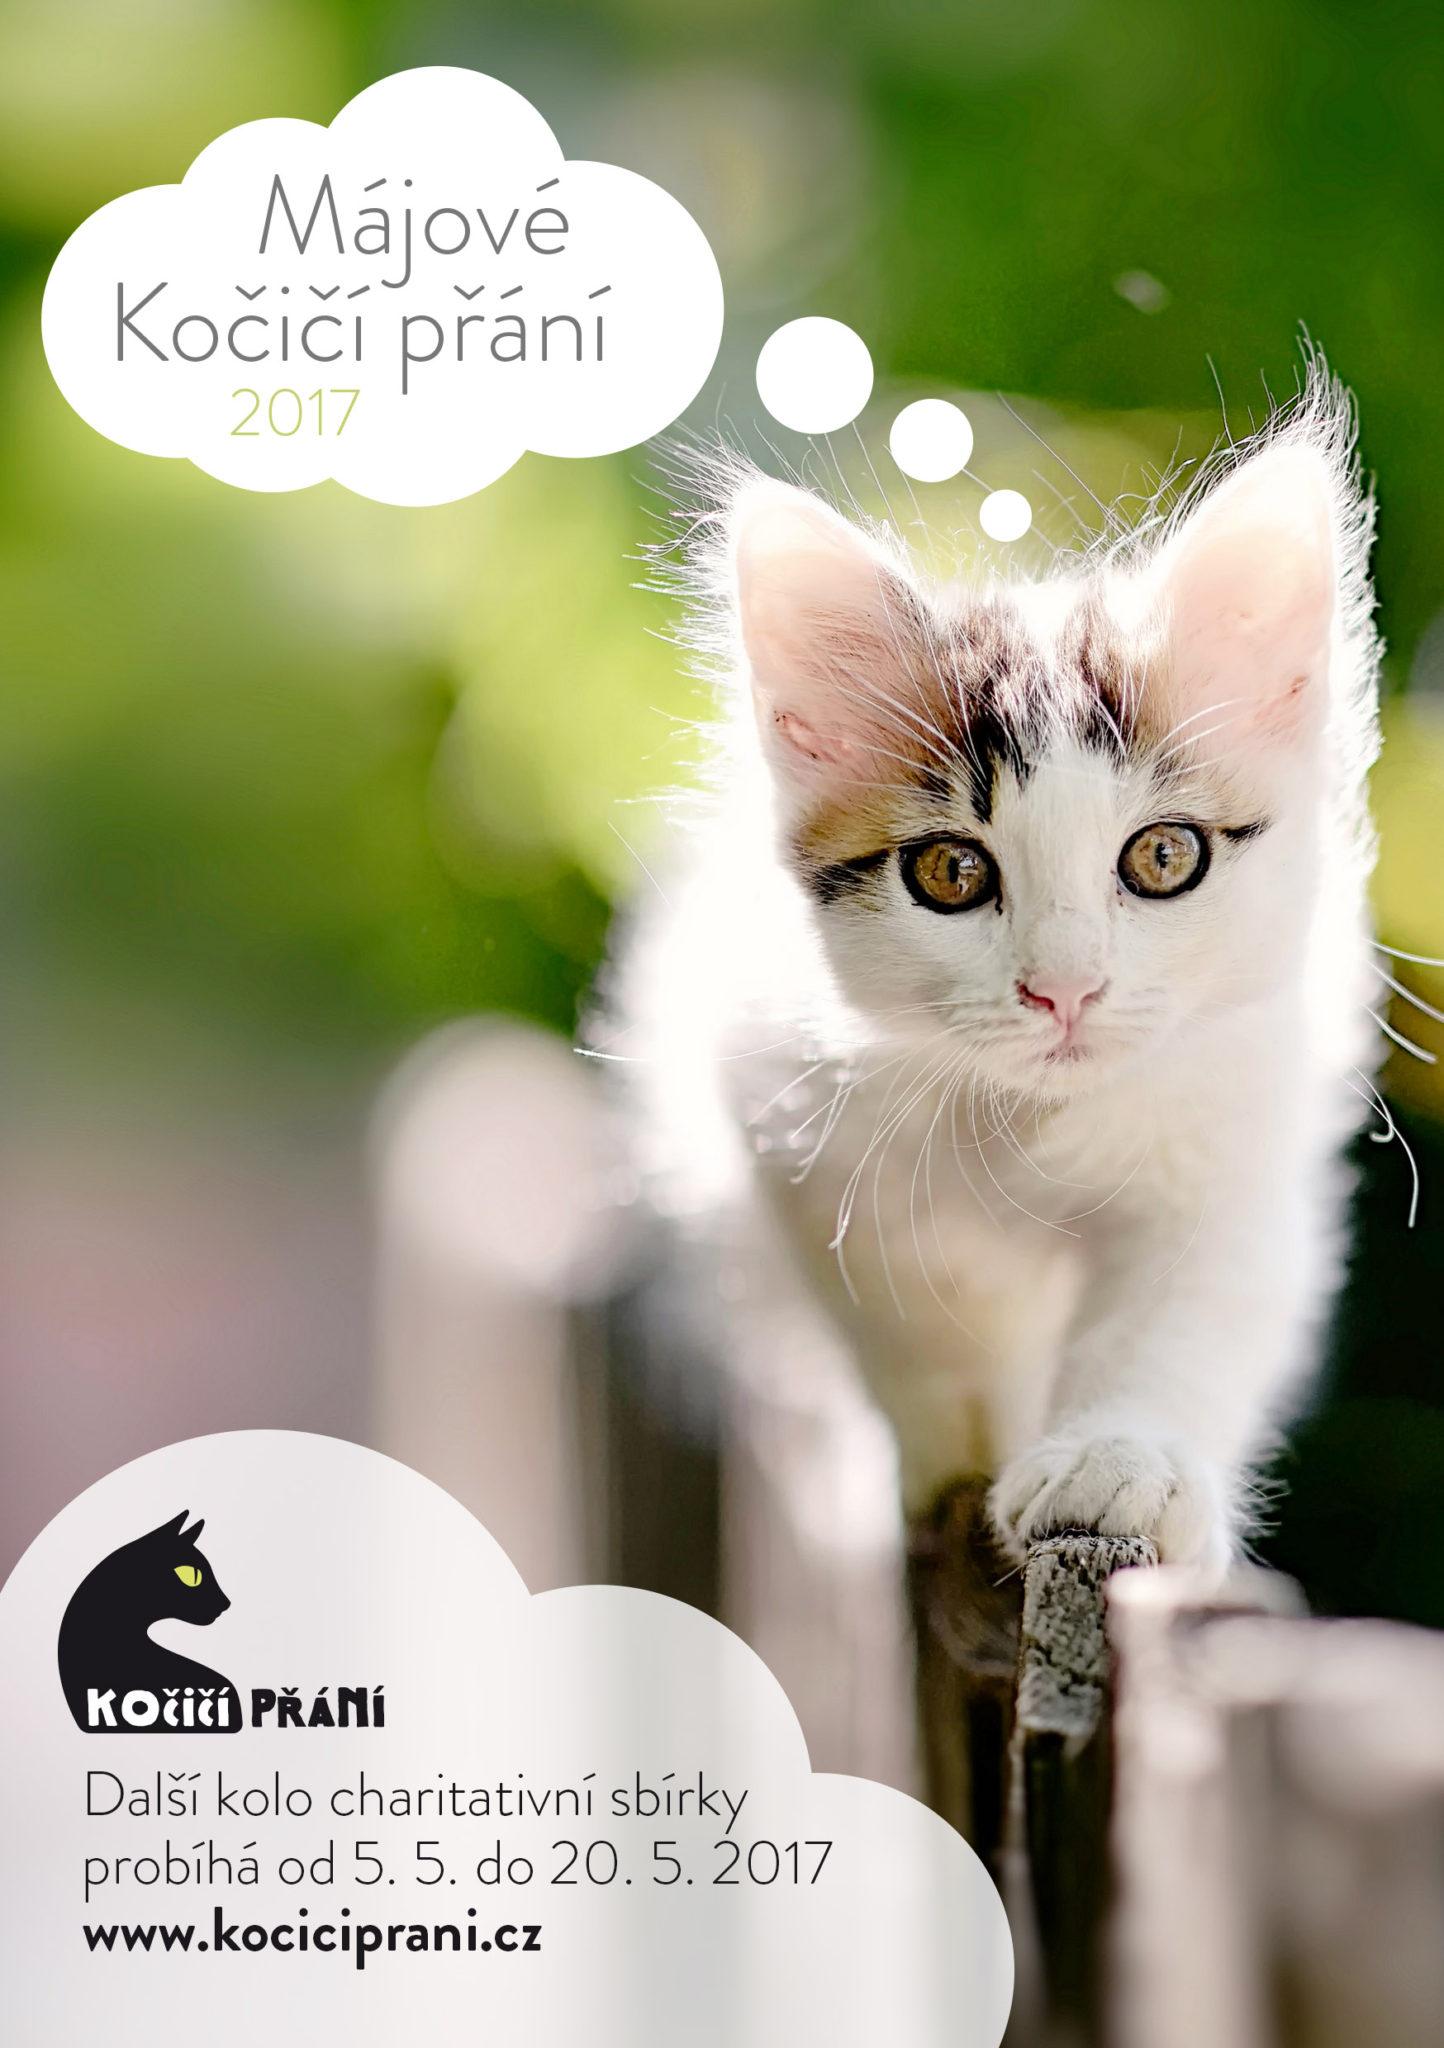 Dnes odstartovalo další kolo oblíbené charitativní sbírky Kočičí přání